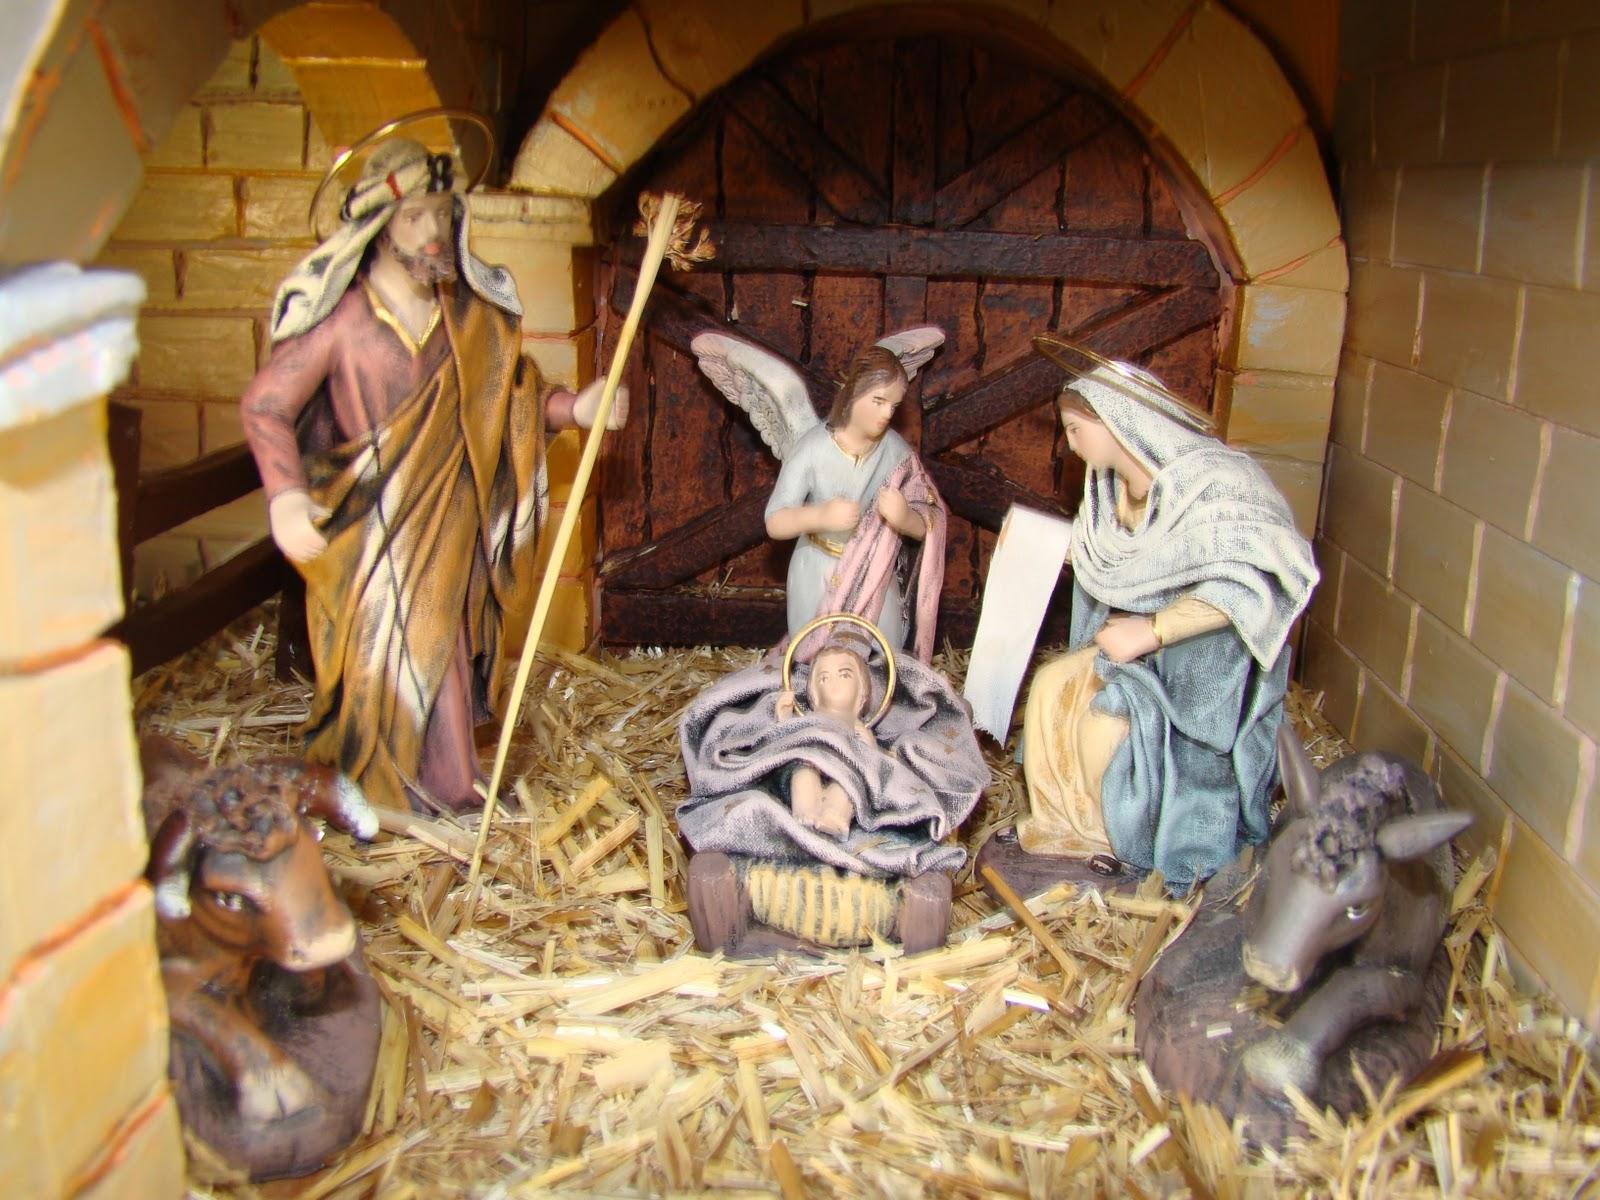 El bel n de pascual el bel n de mi casa 2010 11 for Nacimiento belen